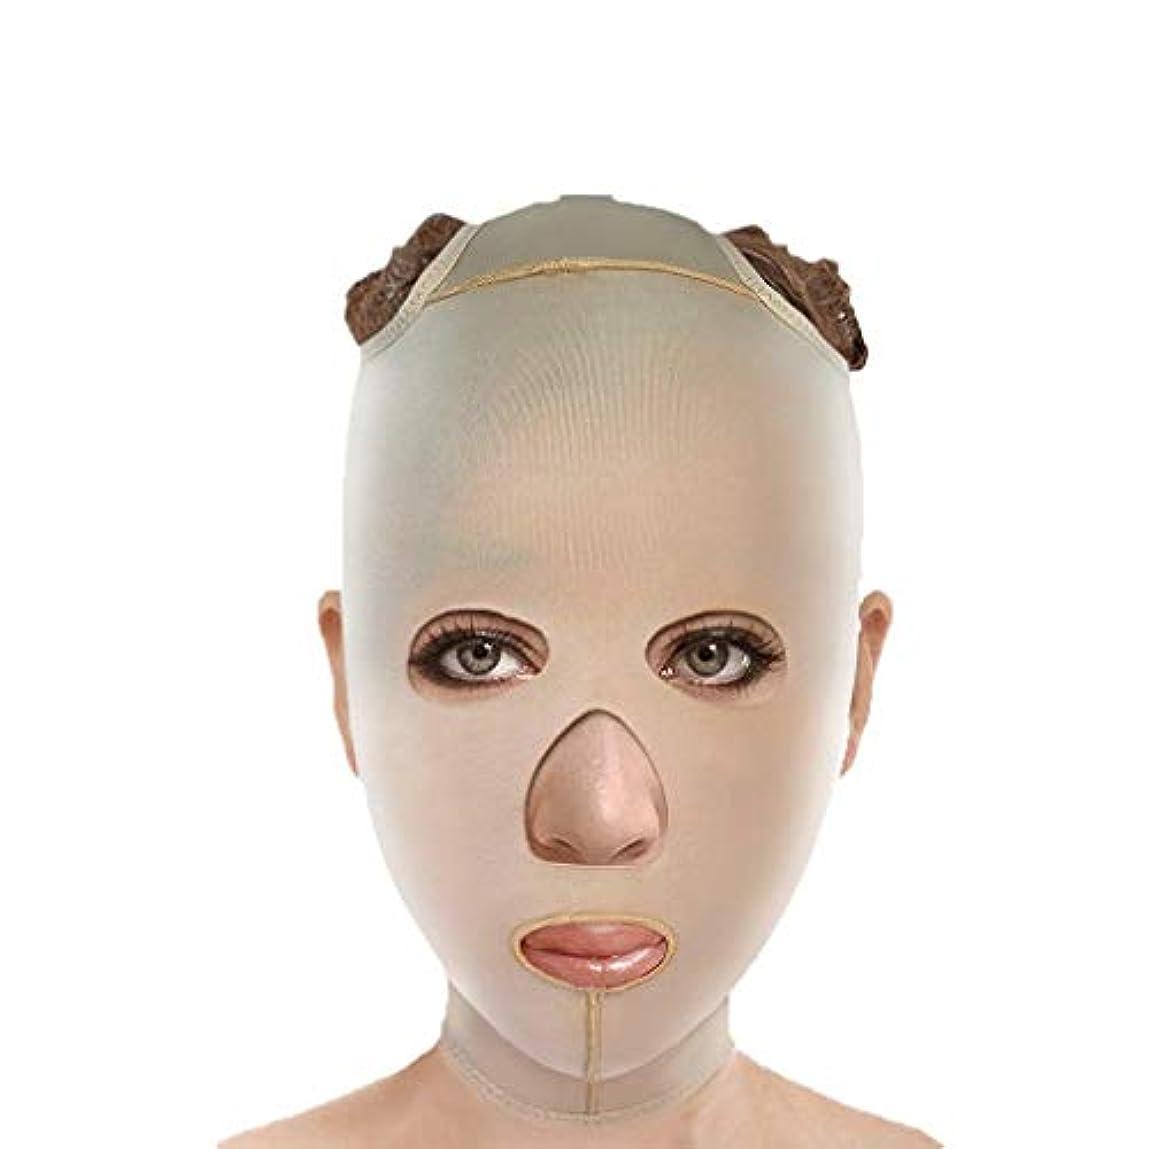 バース頬骨チンストラップ、フェイスリフティング、アンチエイジングフェイシャル包帯、フェイシャル減量マスク、ファーミングマスク、フェイシャルリフティングアーティファクト(サイズ:S),M